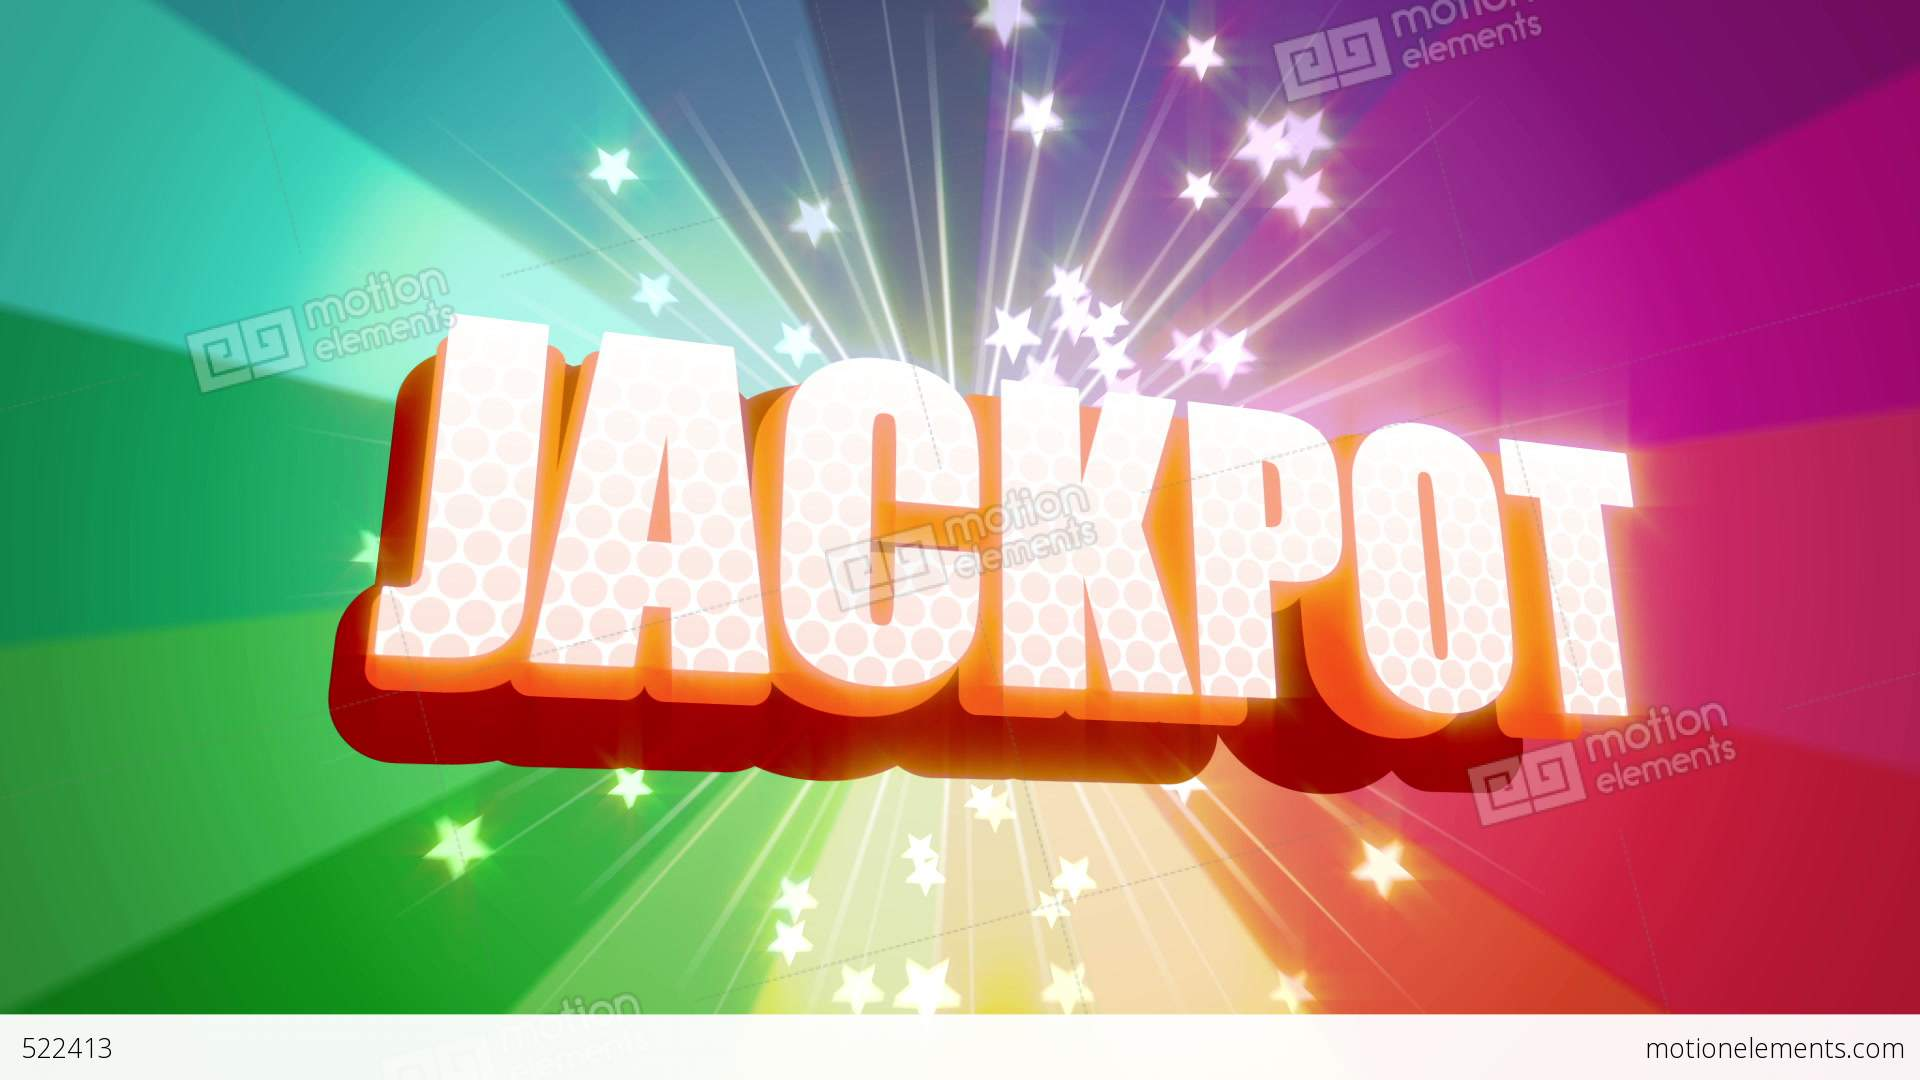 Best 55 Jackpot Wallpaper on HipWallpaper Jackpot Wallpaper 1920x1080